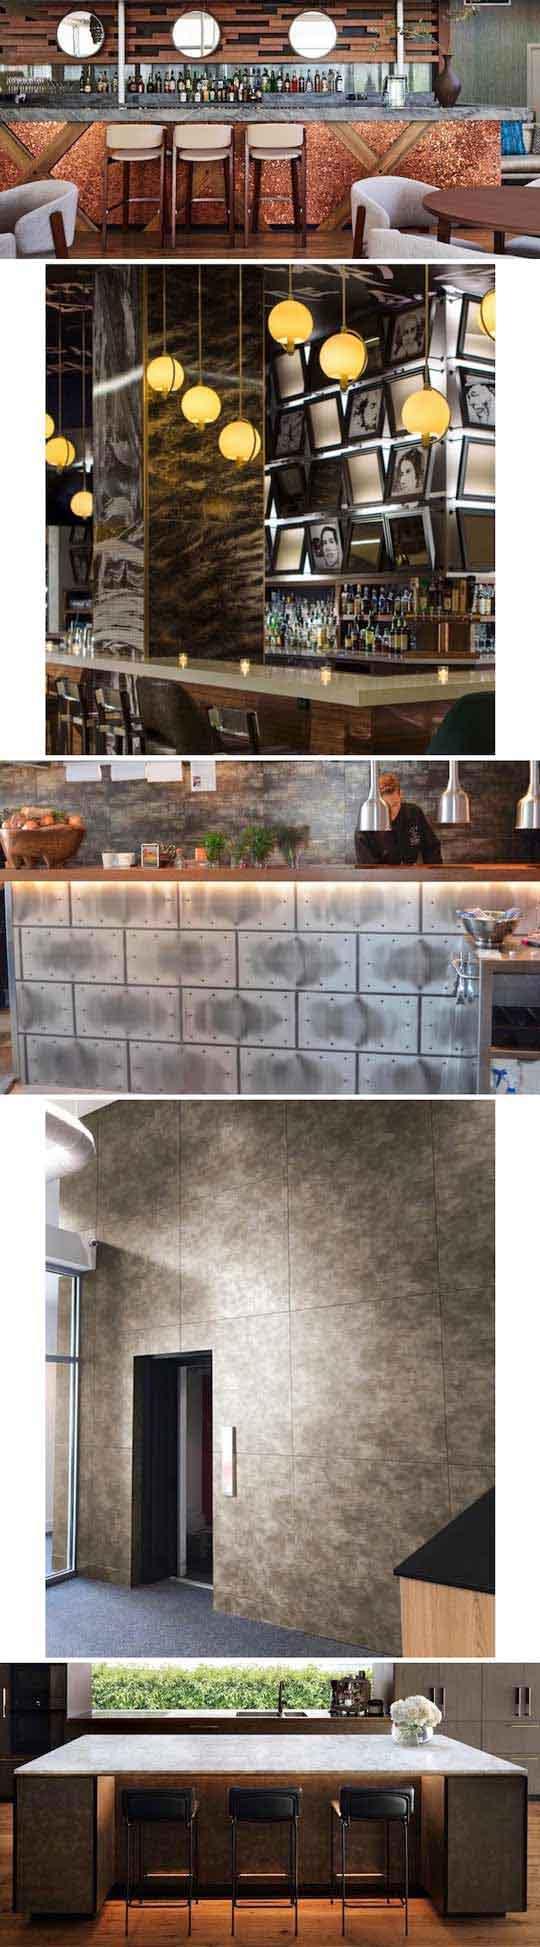 店舗やパブリックスペースにおける壁面やカウンター腰を美しく引き立てる「デザインメタルパネル」